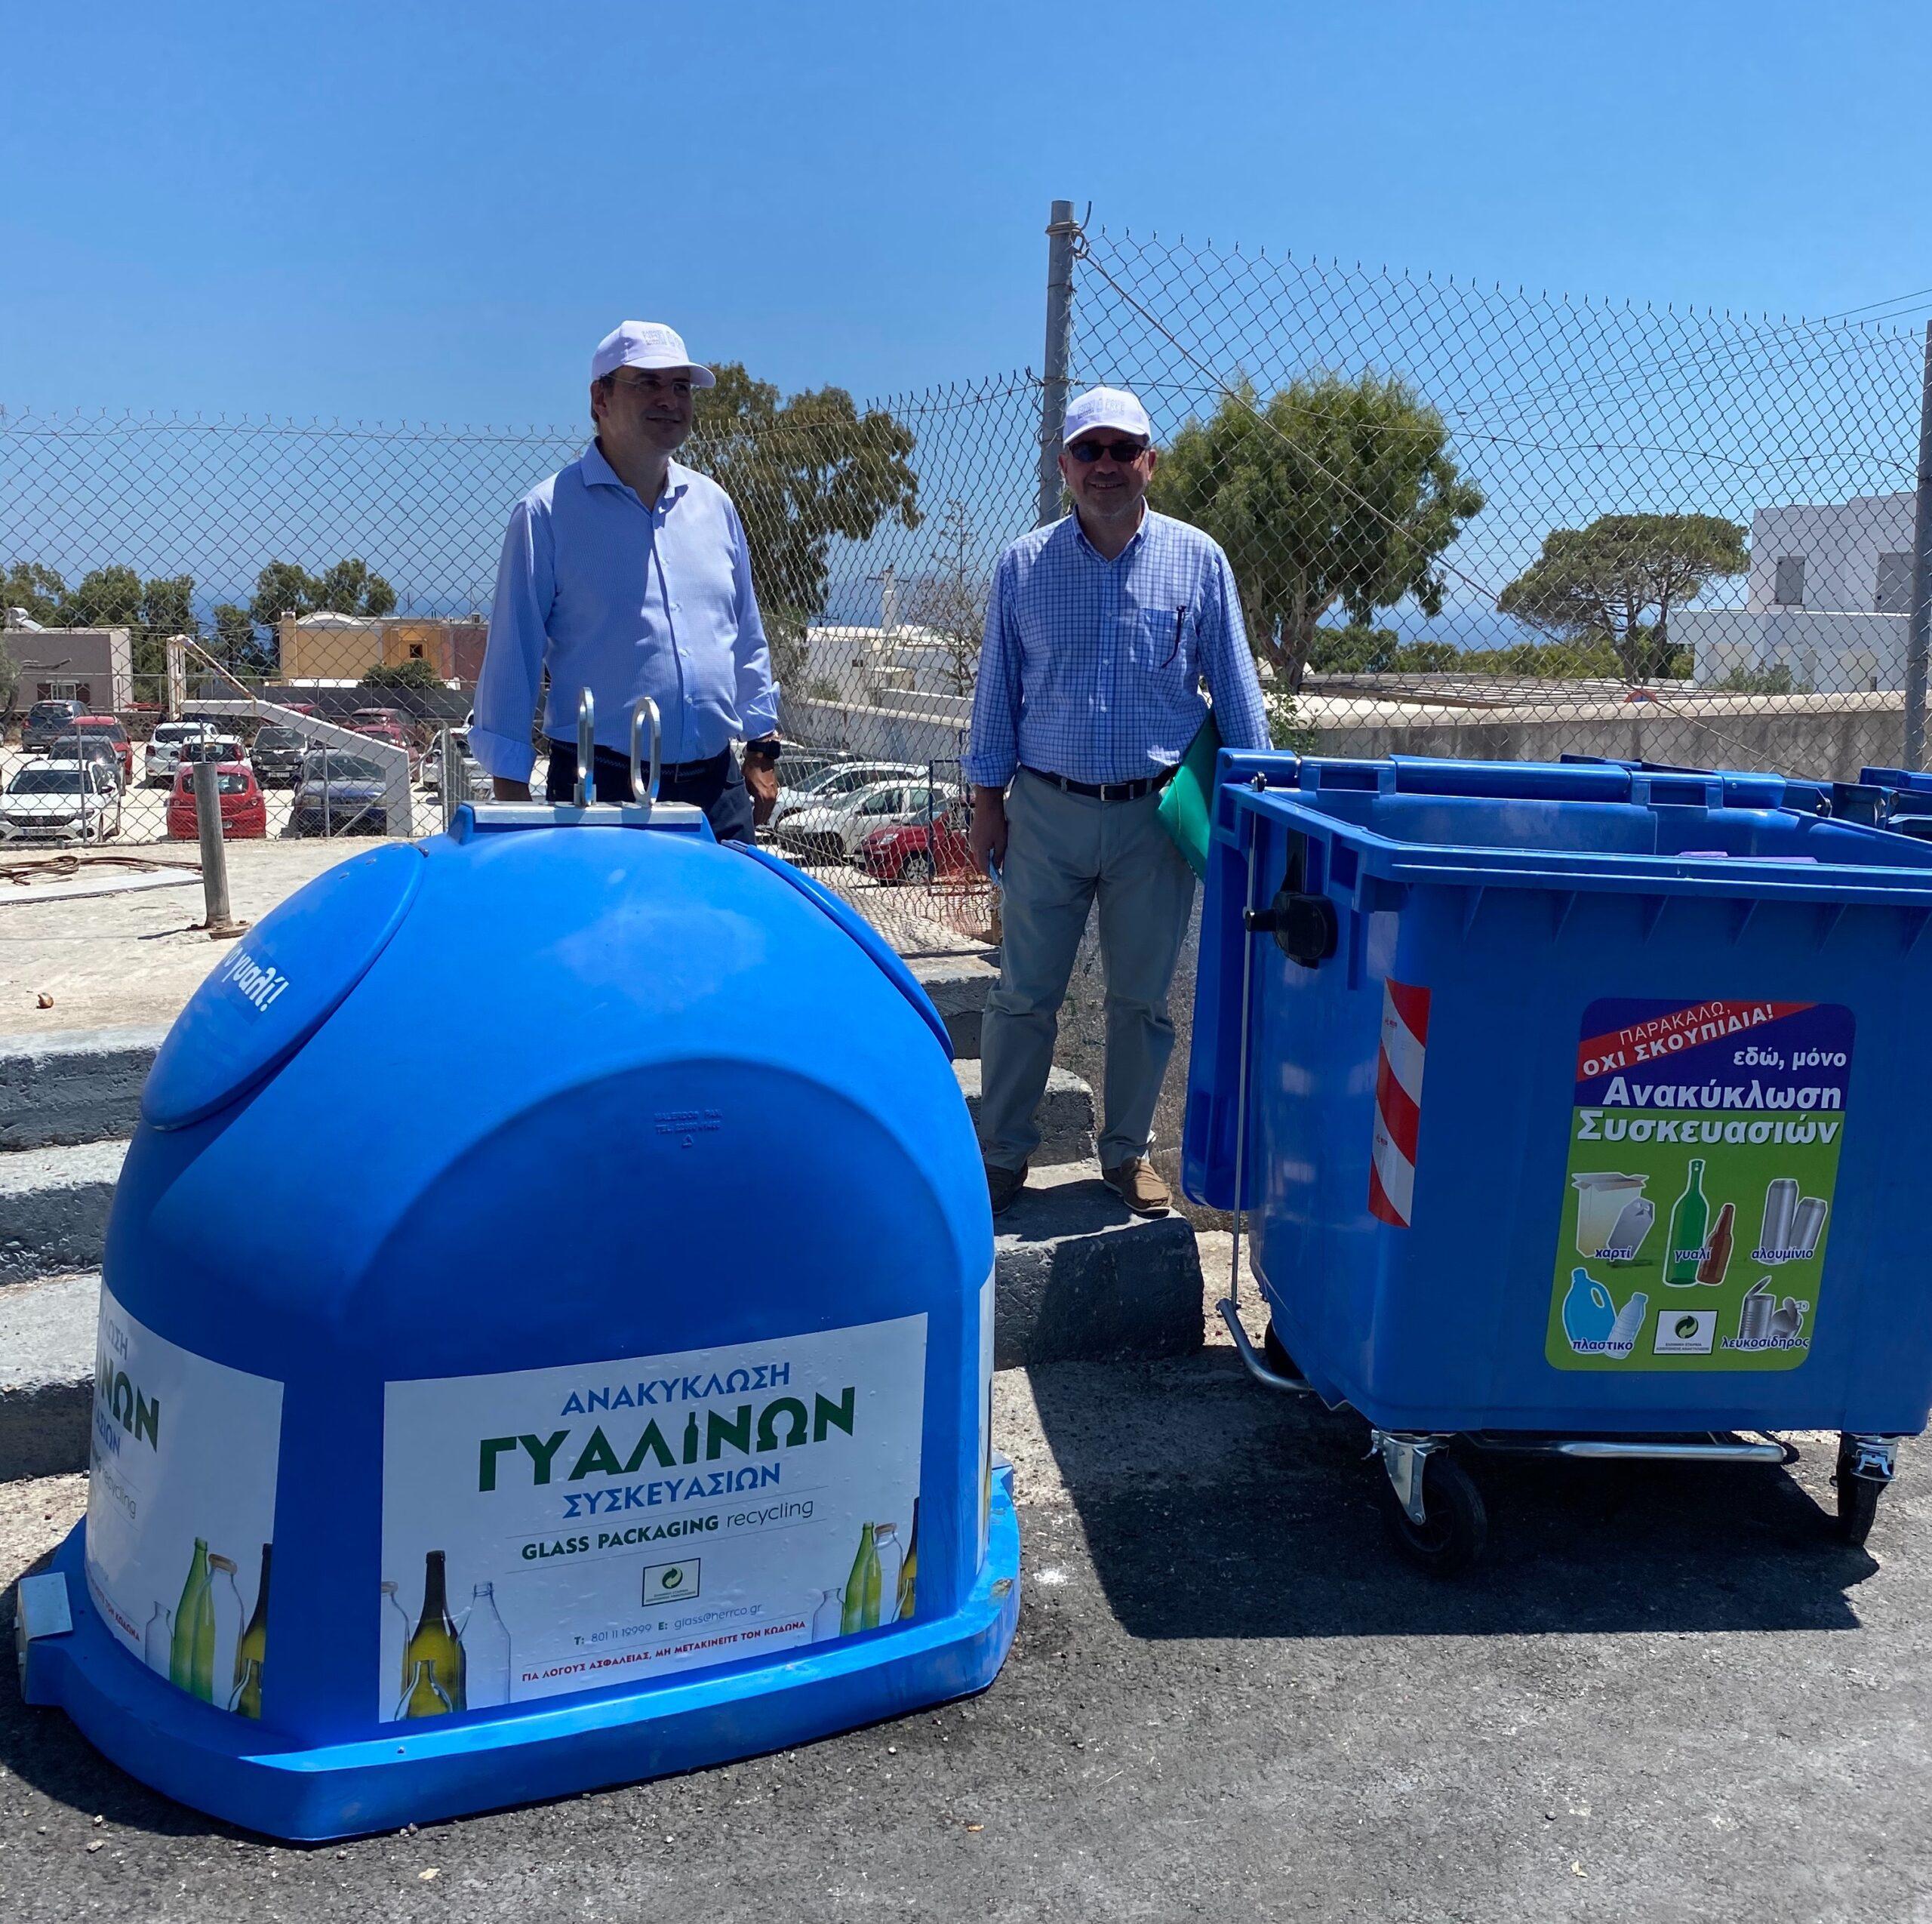 Κ. Χατζηδάκης: Πρότυπο νησί για την ανακύκλωση γίνεται η Σαντορίνη